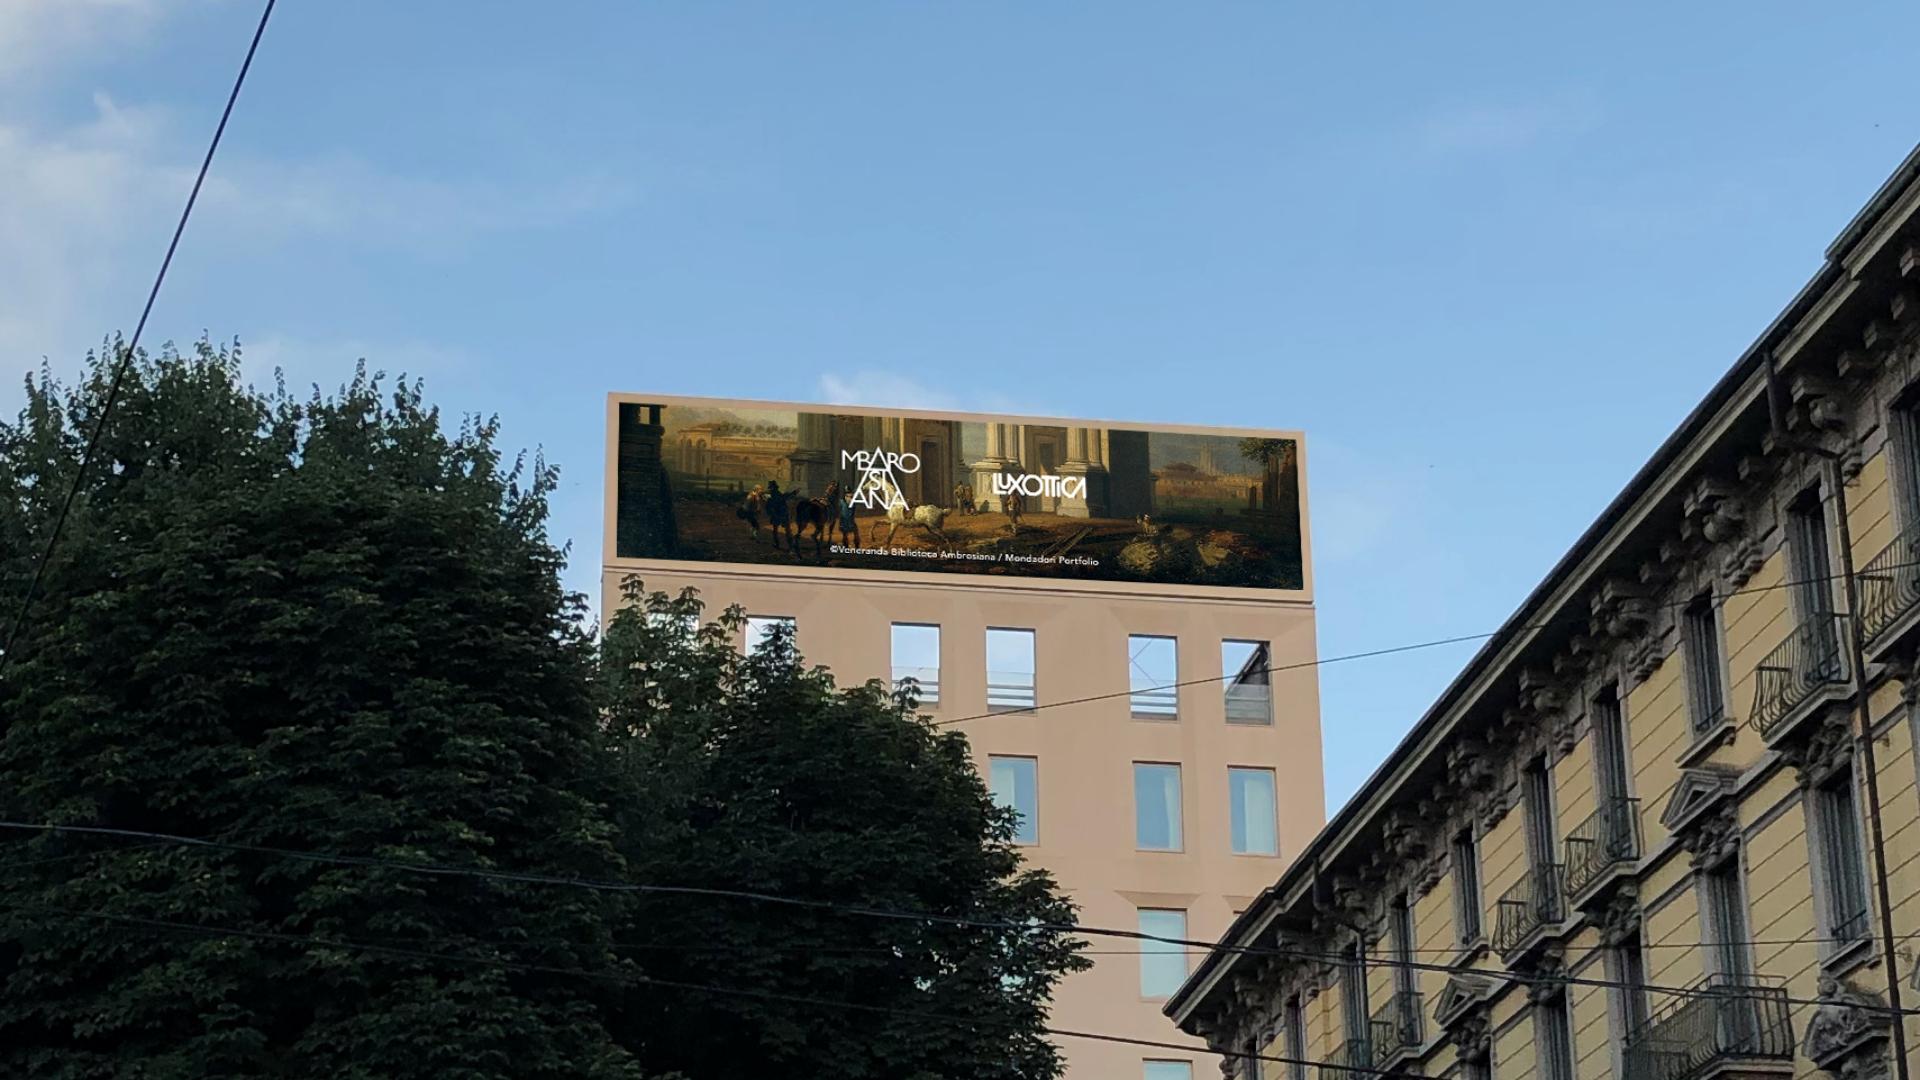 Le opere della Pinacoteca Ambrosiana sugli schermi di Luxottica a Milano